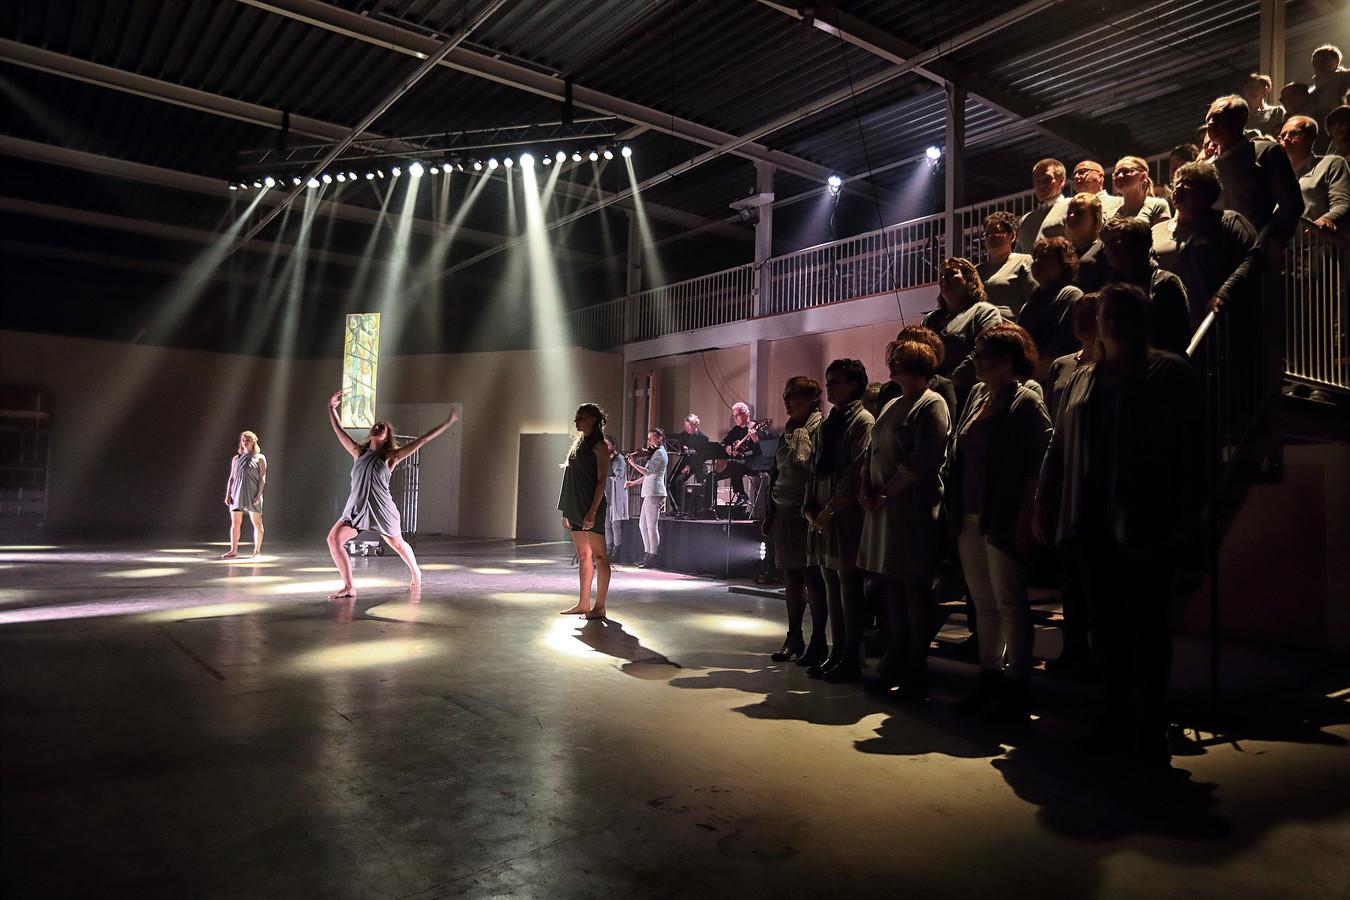 Pptreden van danseressen met koor en muzikale begeleiding tijdens Passion uitvoering in Etten-Leur Foto Chris van Klinken / Pix4Profs